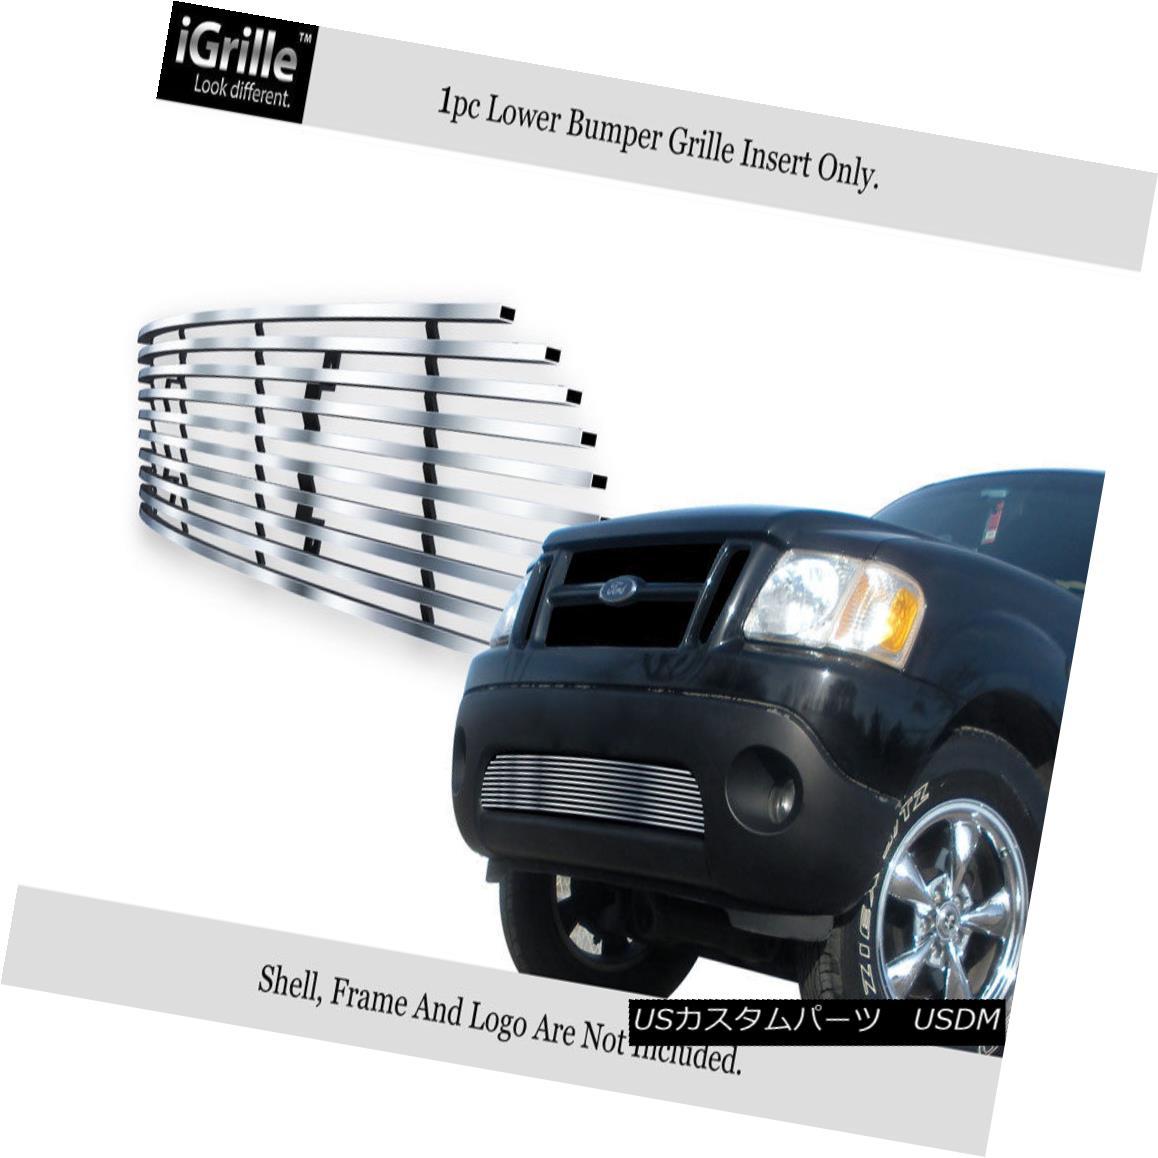 グリル Fits 2001-2006 Explorer Sport/Sport Track Bumper Stainless Steel Billet Grille 2001-2006エクスプローラースポーツ/スポーツトラックバンパーステンレススチールビレットグリルに適合